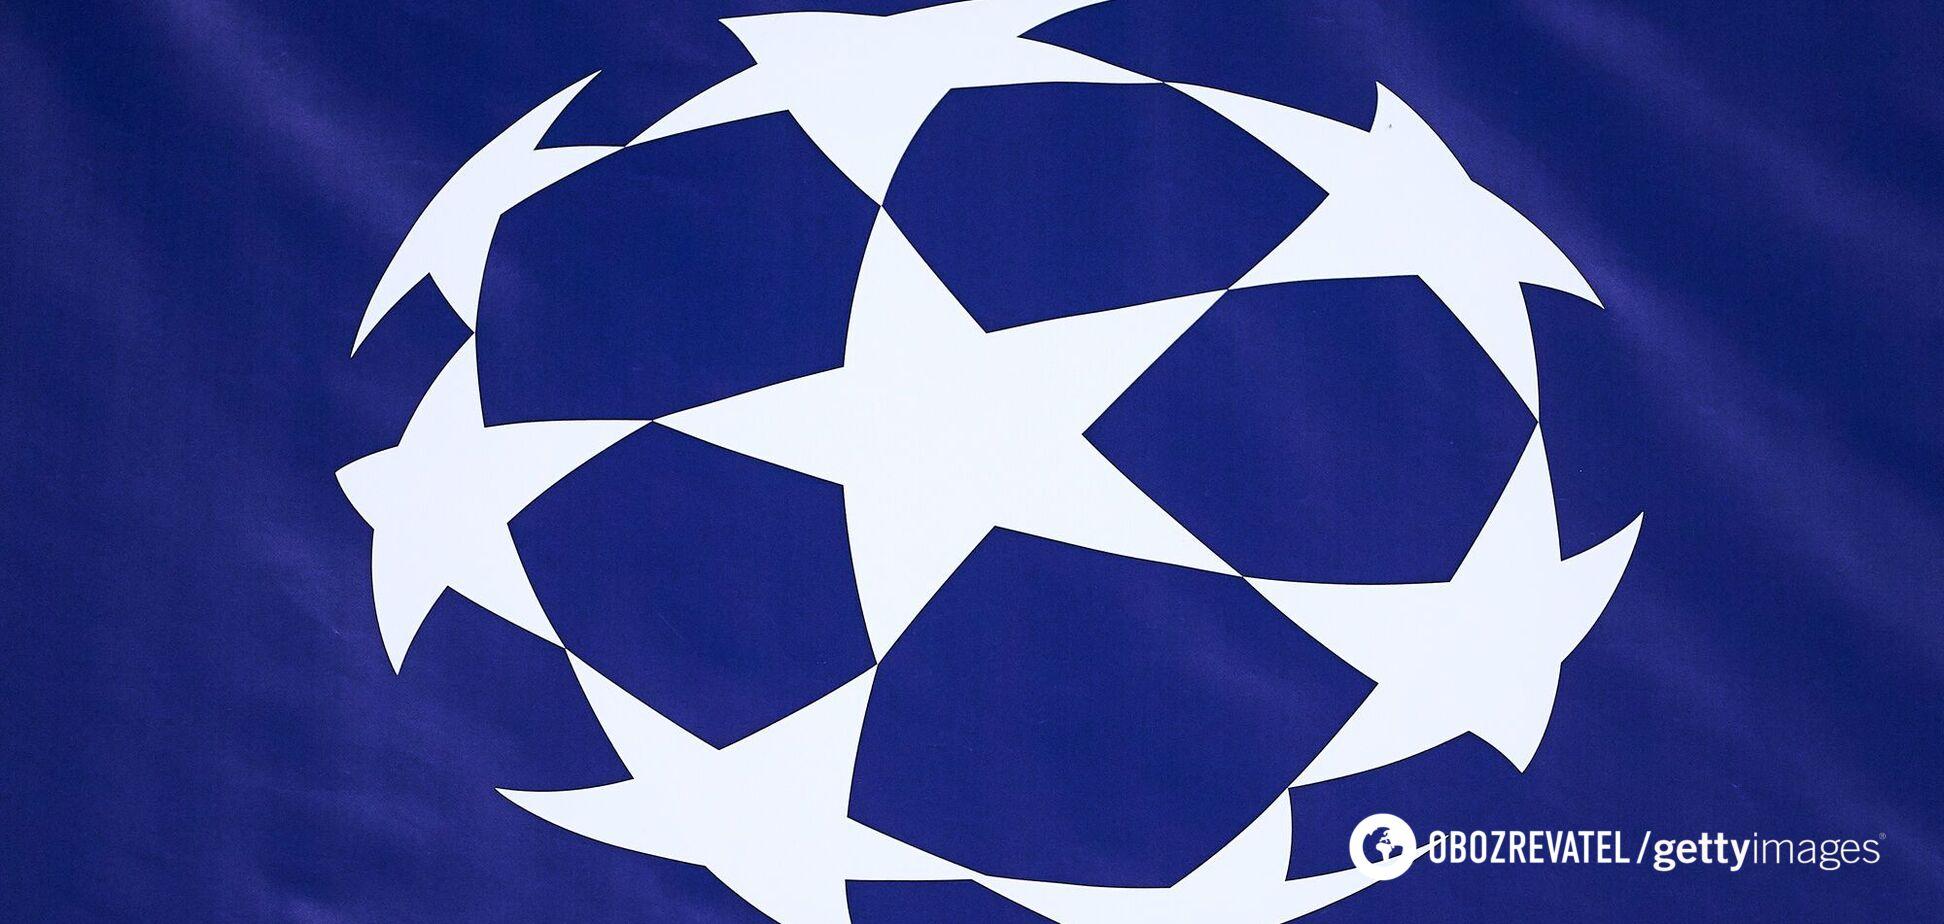 Емблема Ліги чемпіонів